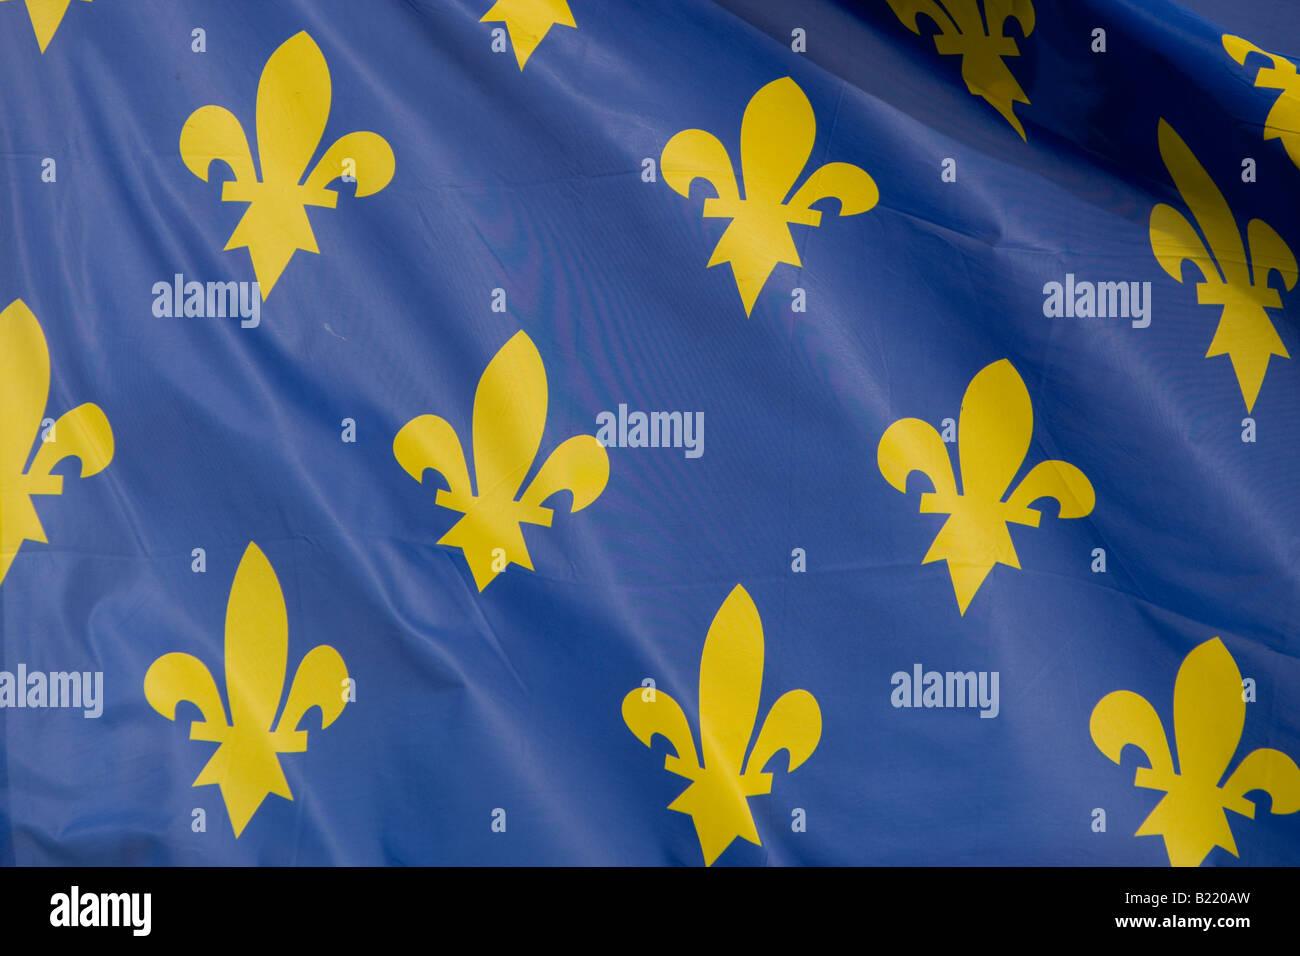 fleur de lys on a blue flag - Stock Image